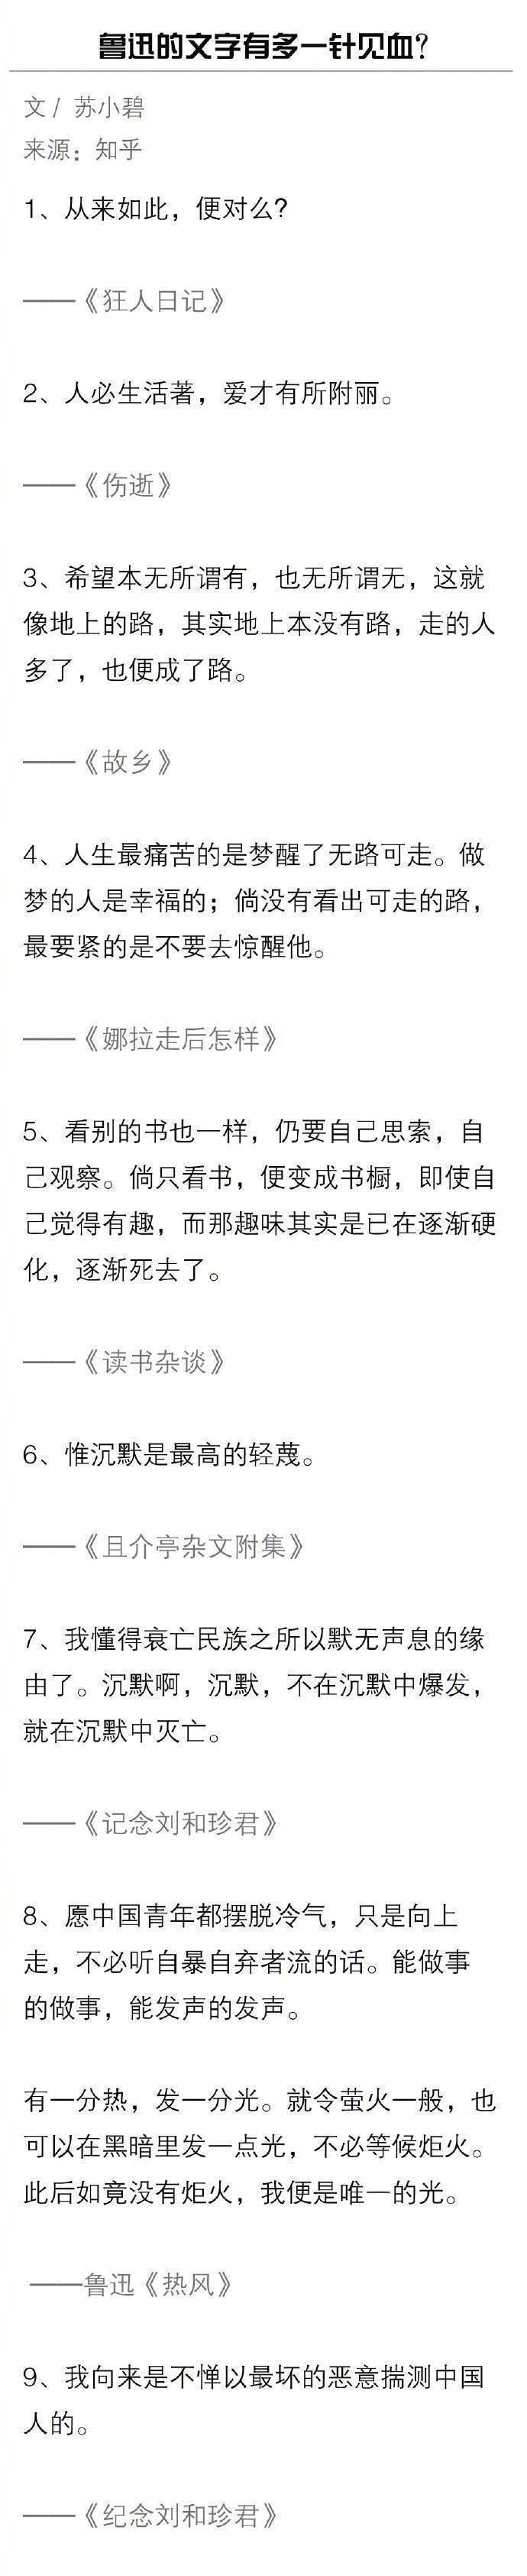 愿中国青年都摆脱冷气,只是向上走,不必听自暴自弃者流的话